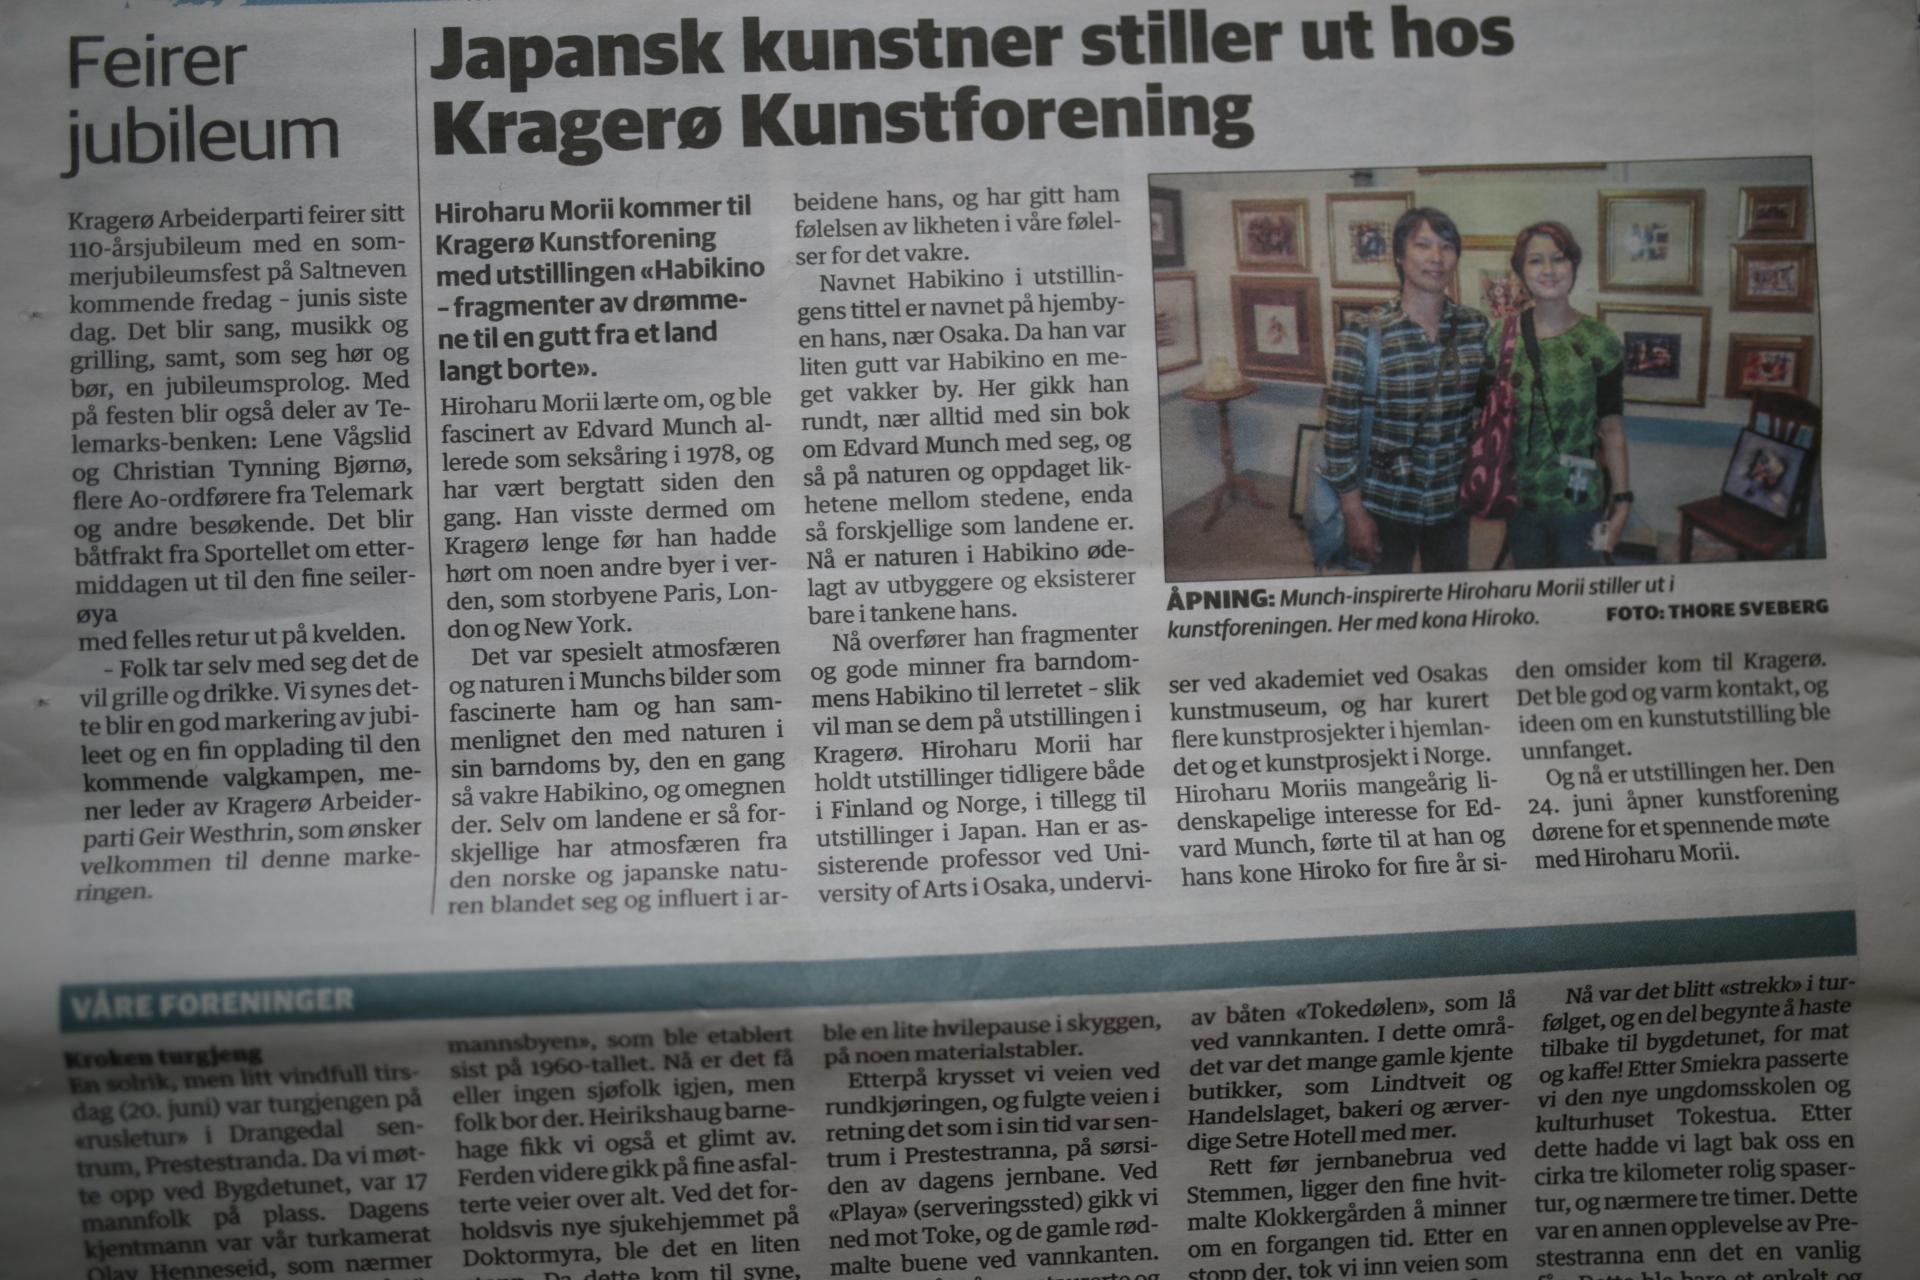 新聞に掲載された私についての詳細な記事。残念ながら私の現地到着が遅れたため、写真が他誌のと一緒。